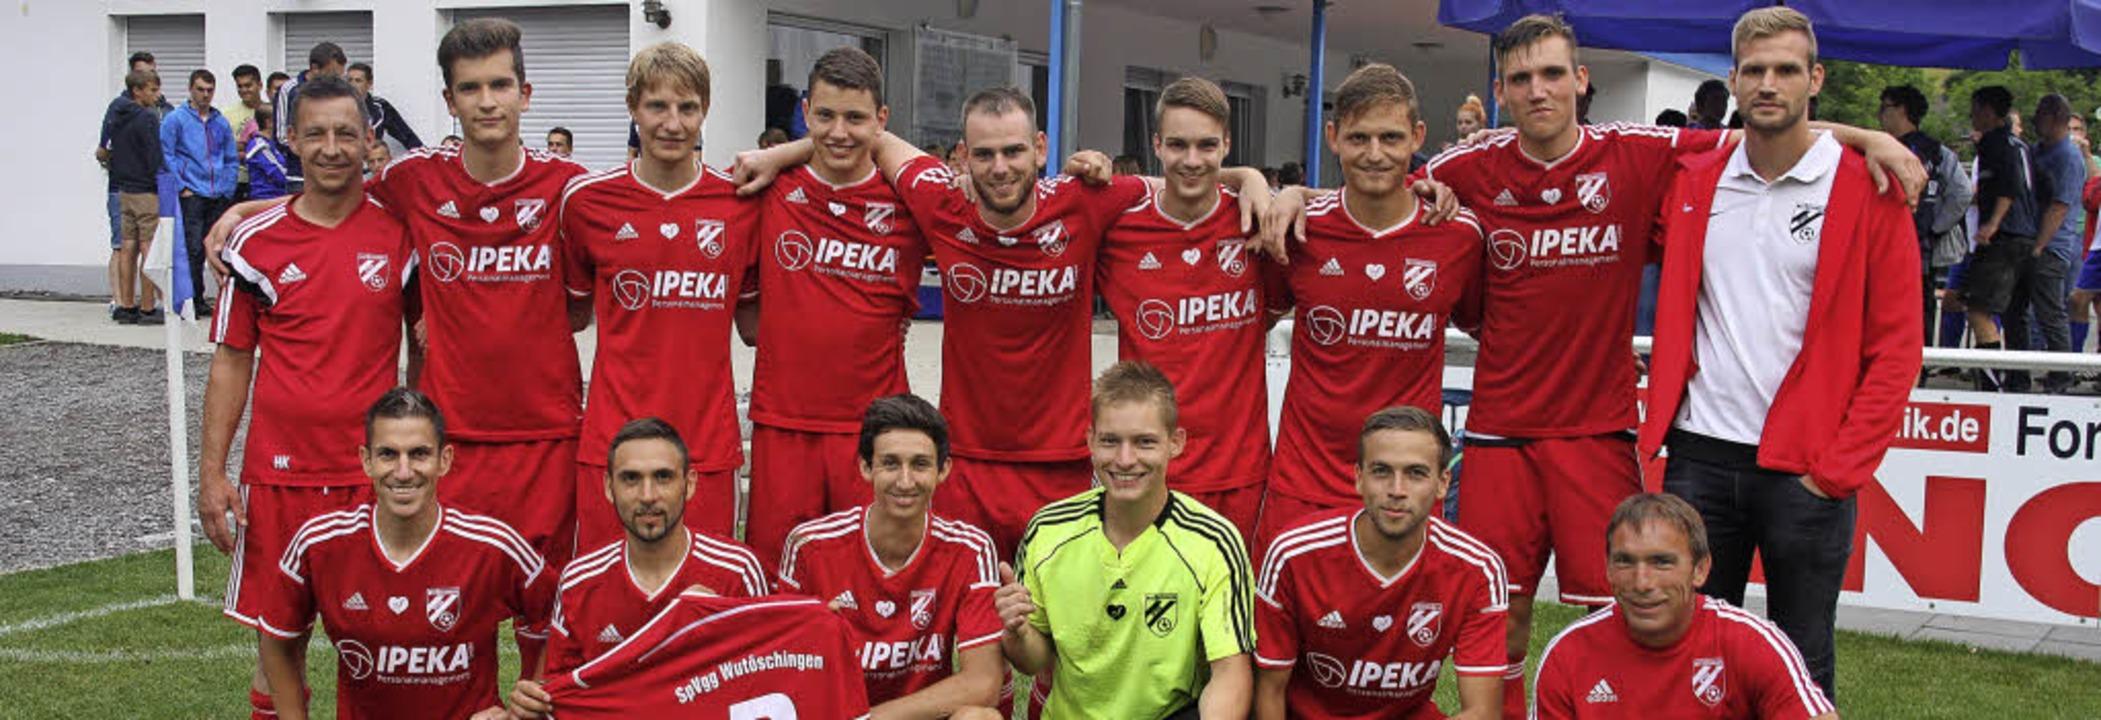 Die Titelverteidiger der hochklassigen...Turnier der Sportwoche des FC Weizen.   | Foto: Dietmar Noeske